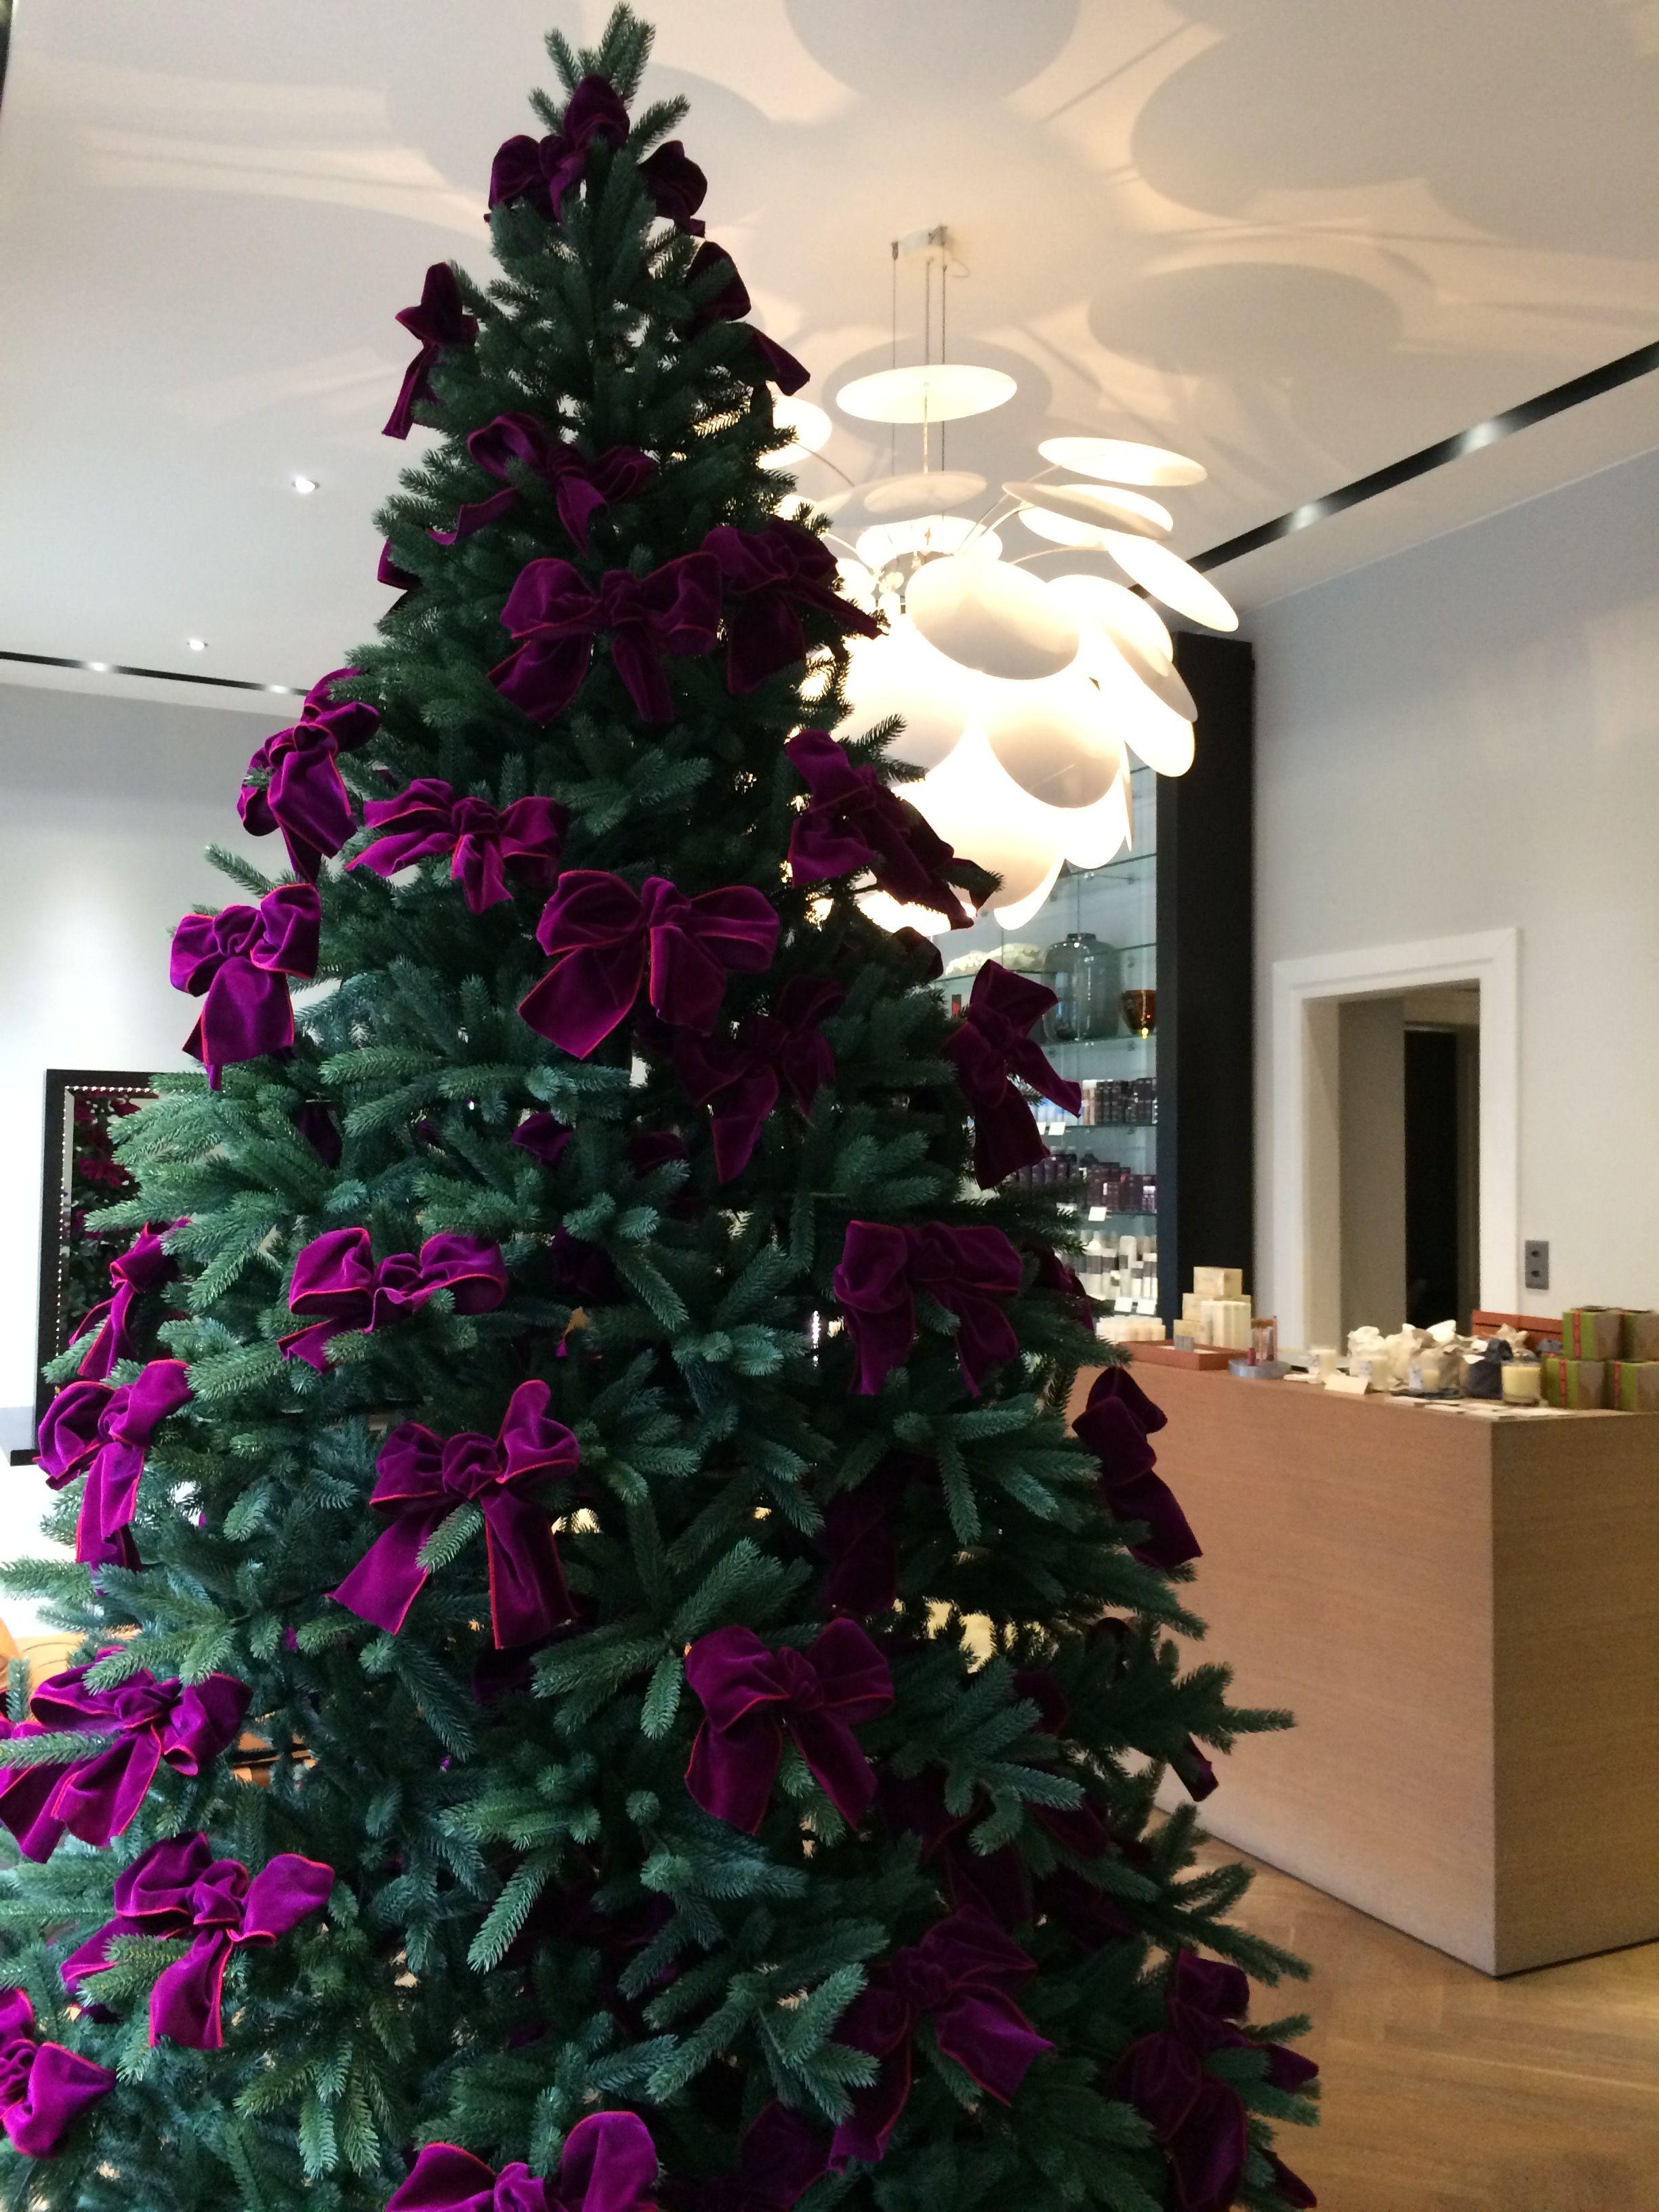 christbaum tannenbaum geschm ckt mit magnolien und samtband weihnachtsdekoration tannenbaum